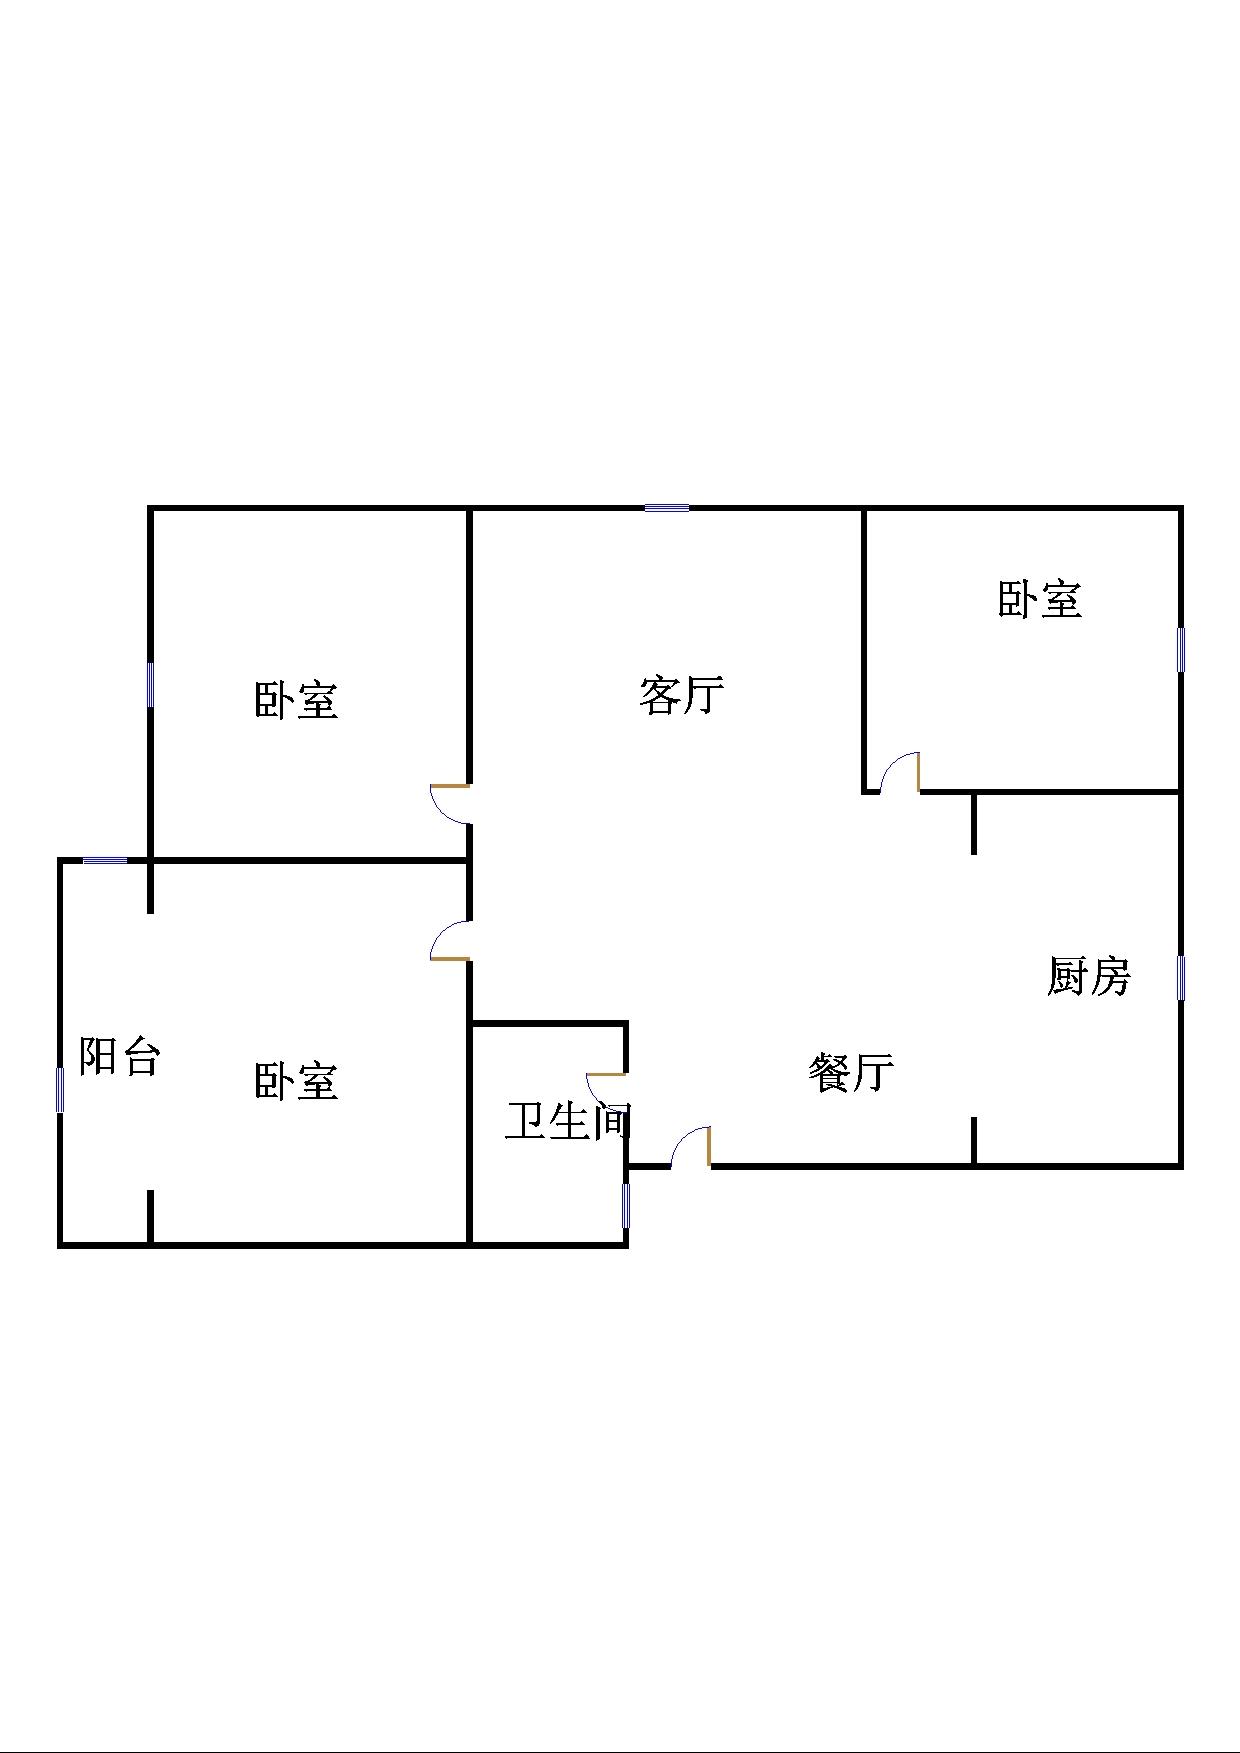 锦苑 3室2厅 双证齐全 精装 88万